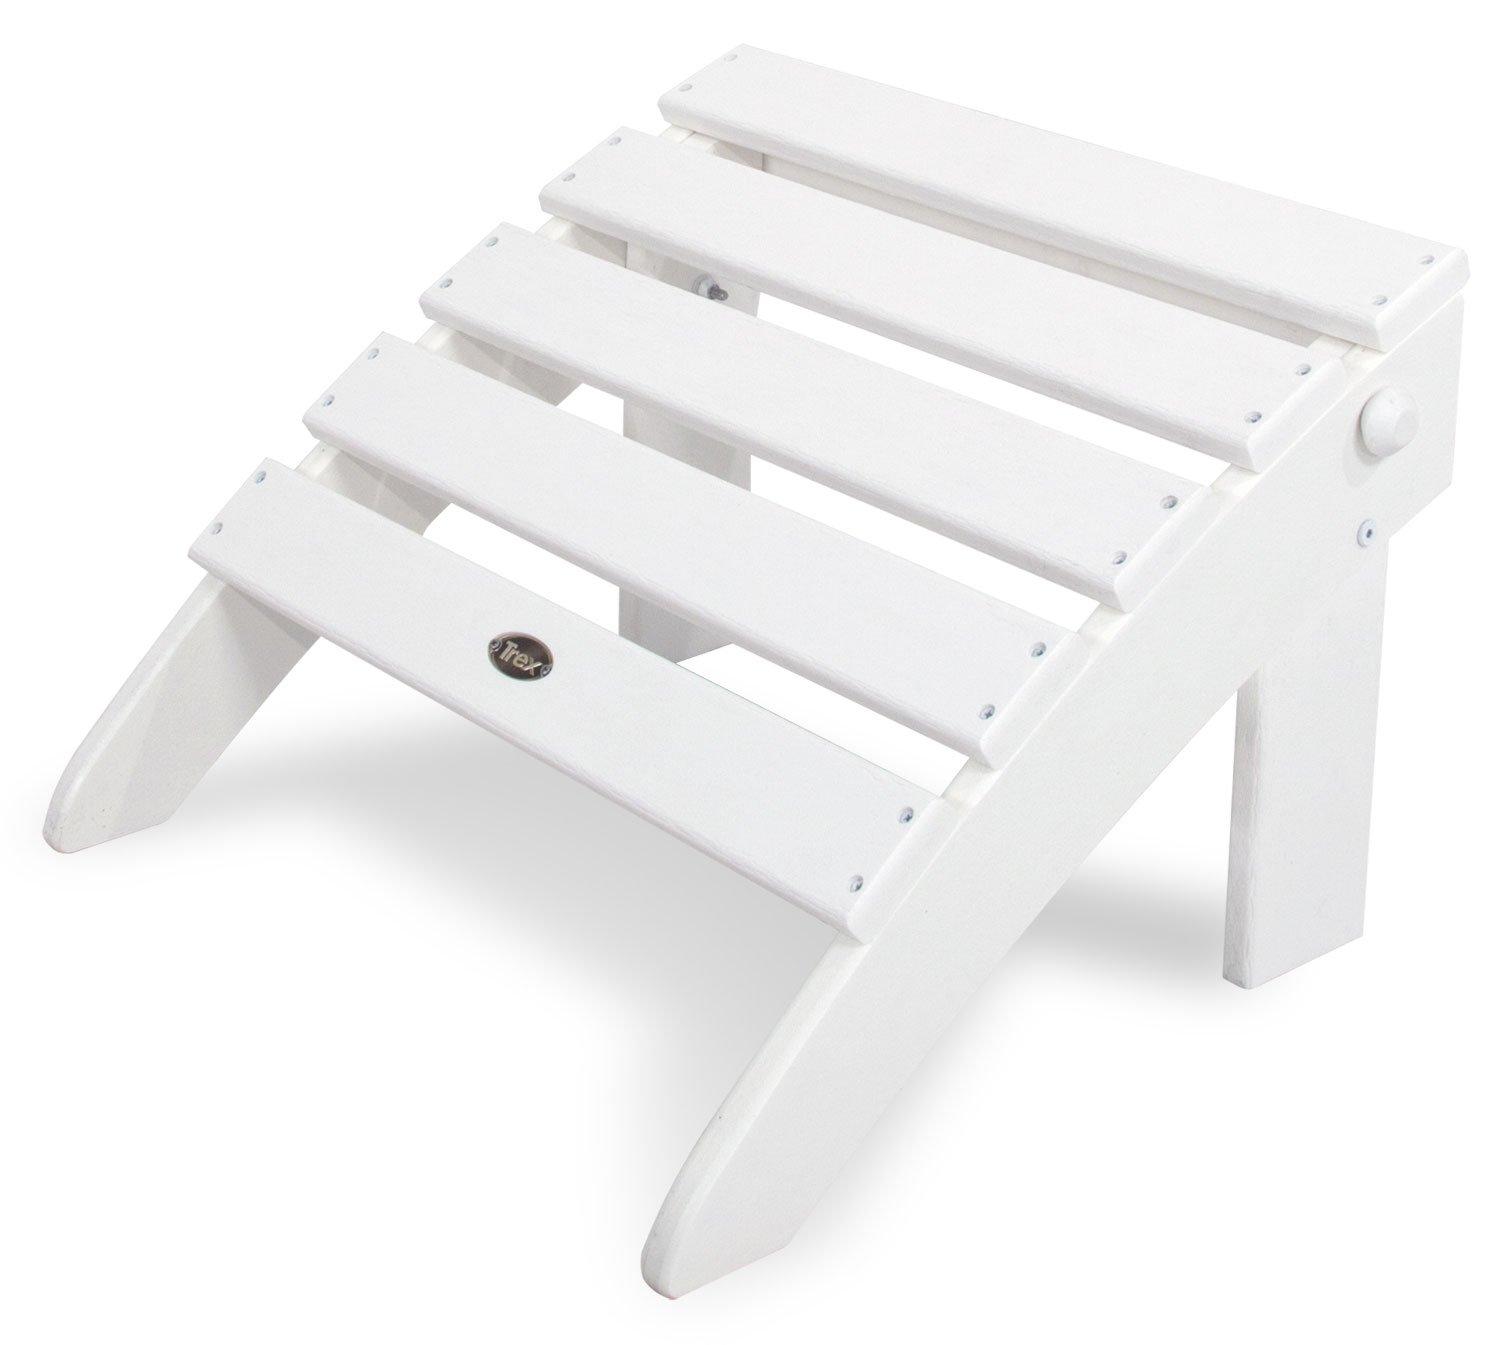 Trex Outdoor Furniture TXO53CW Cape Cod Folding Ottoman, Classic White